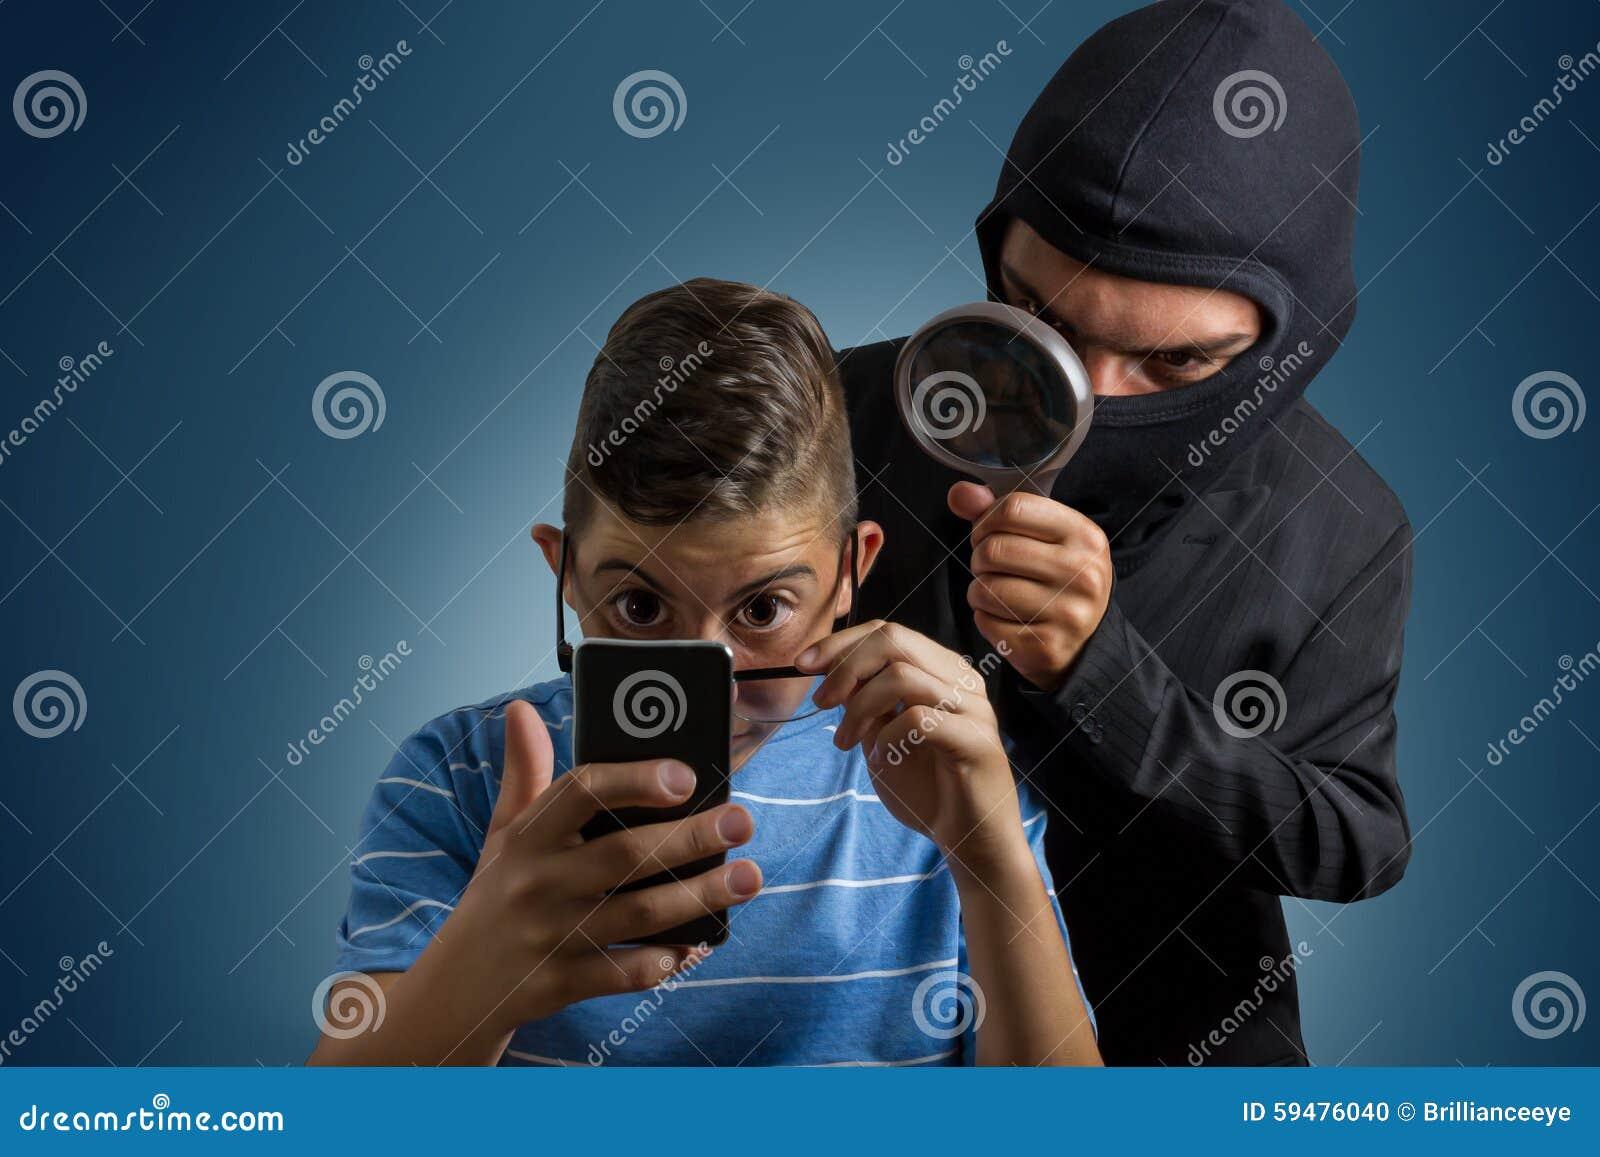 Grappige gemaskeerde mens het spioneren gegevens van smartphone van tiener